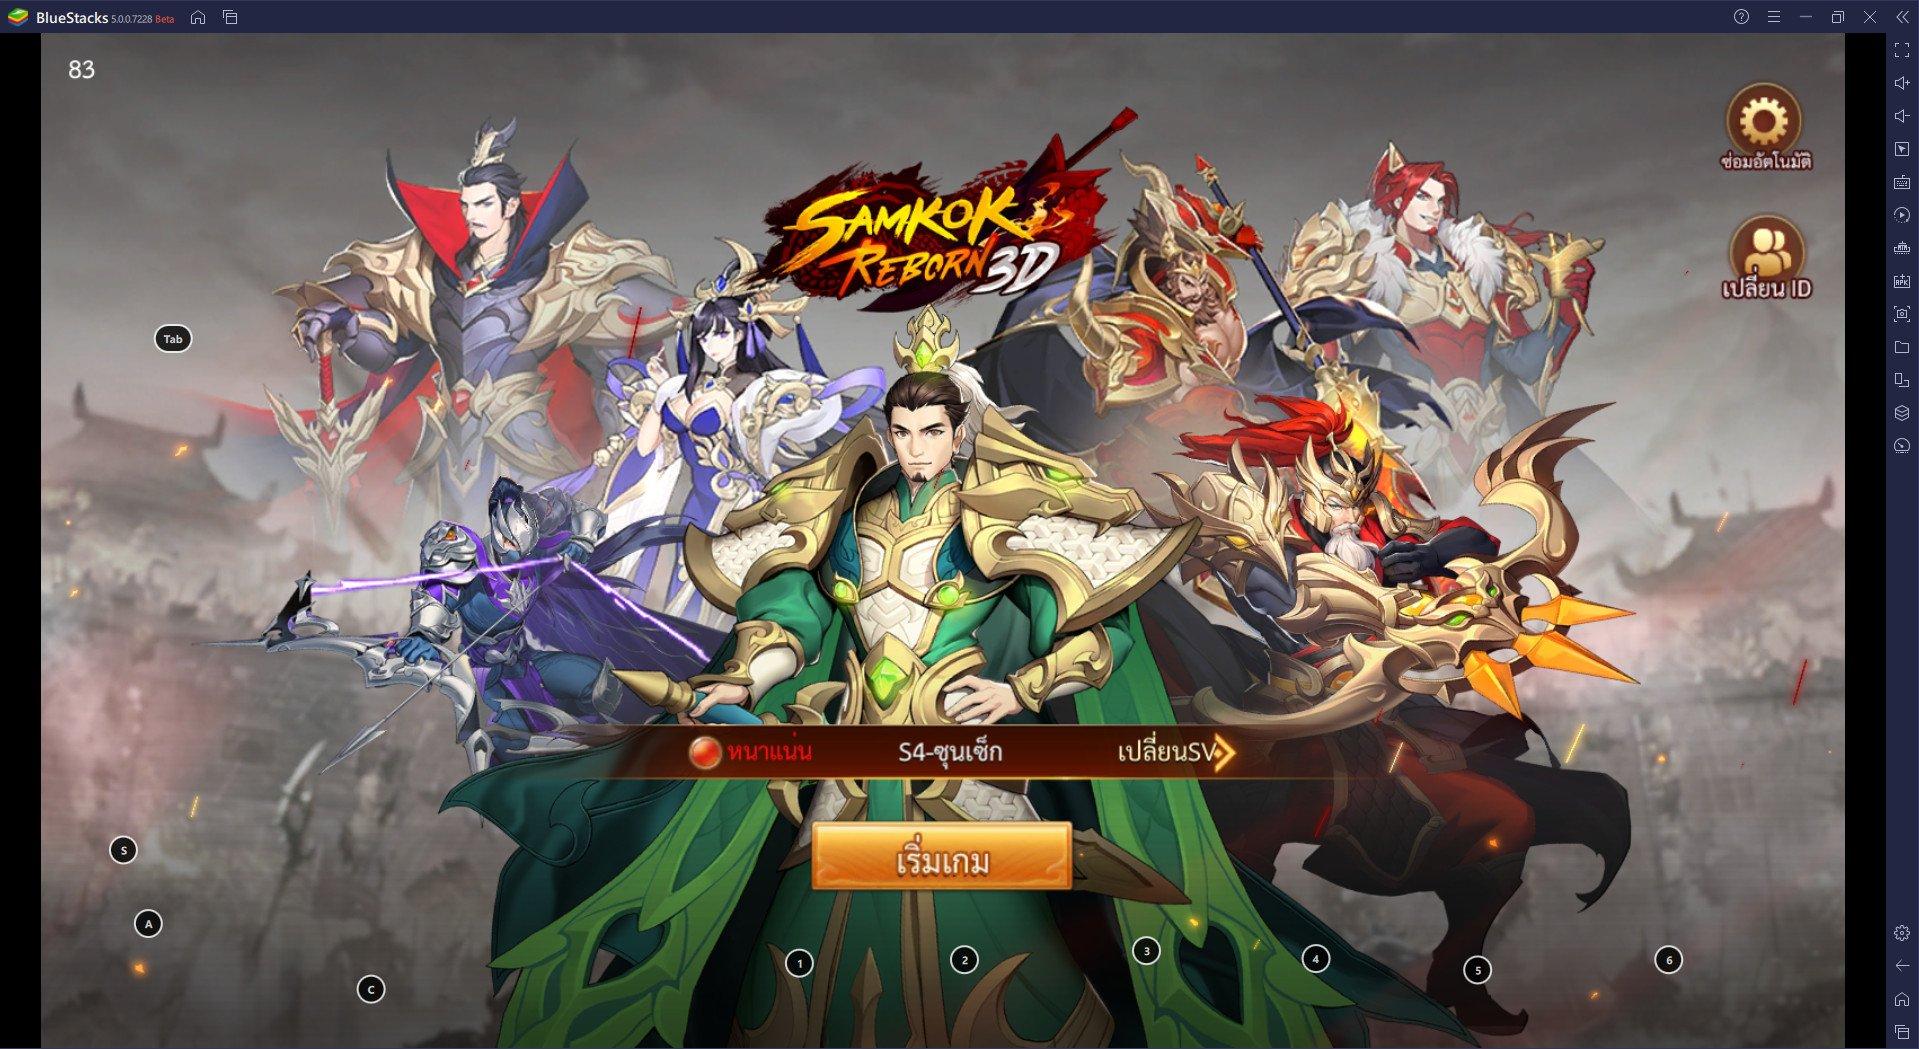 เริ่มต้นเล่น Samkok Reborn 3D แบบง่าย ๆ สำหรับผู้เล่นใหม่